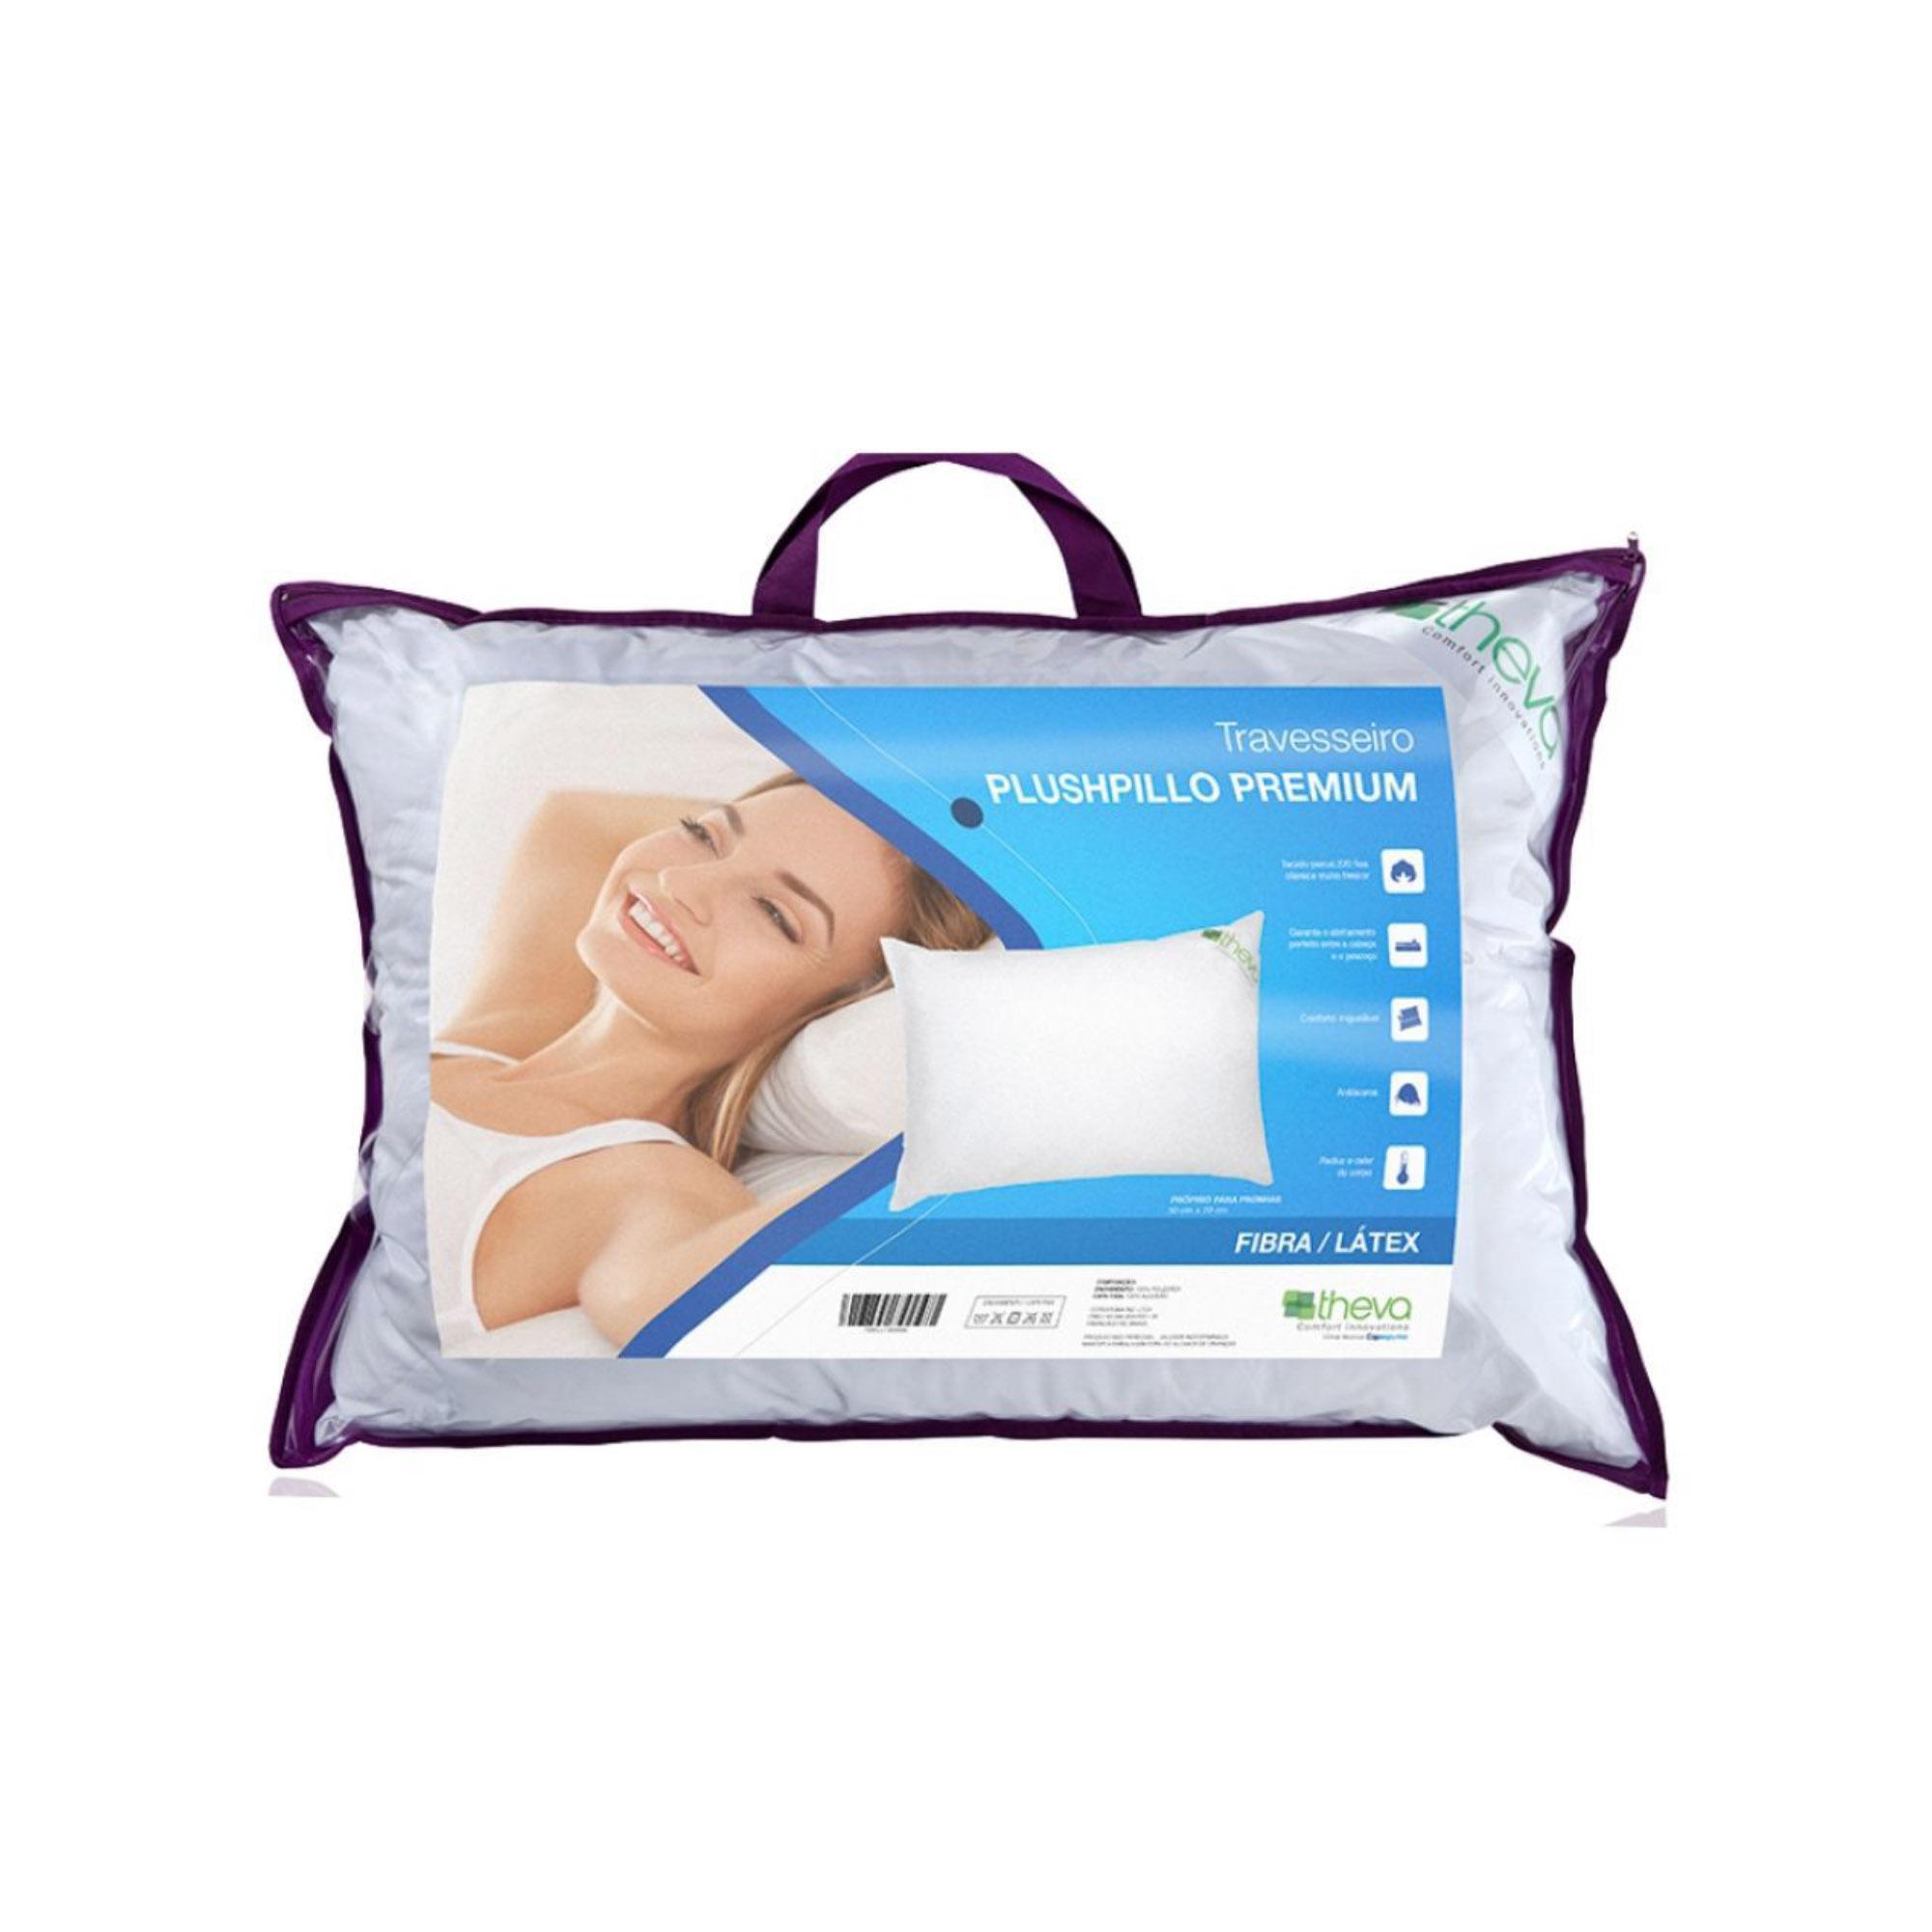 Travesseiro Theva Plushpillo Premium Látex e Fibra, Intermediário, 050 x 070 cm